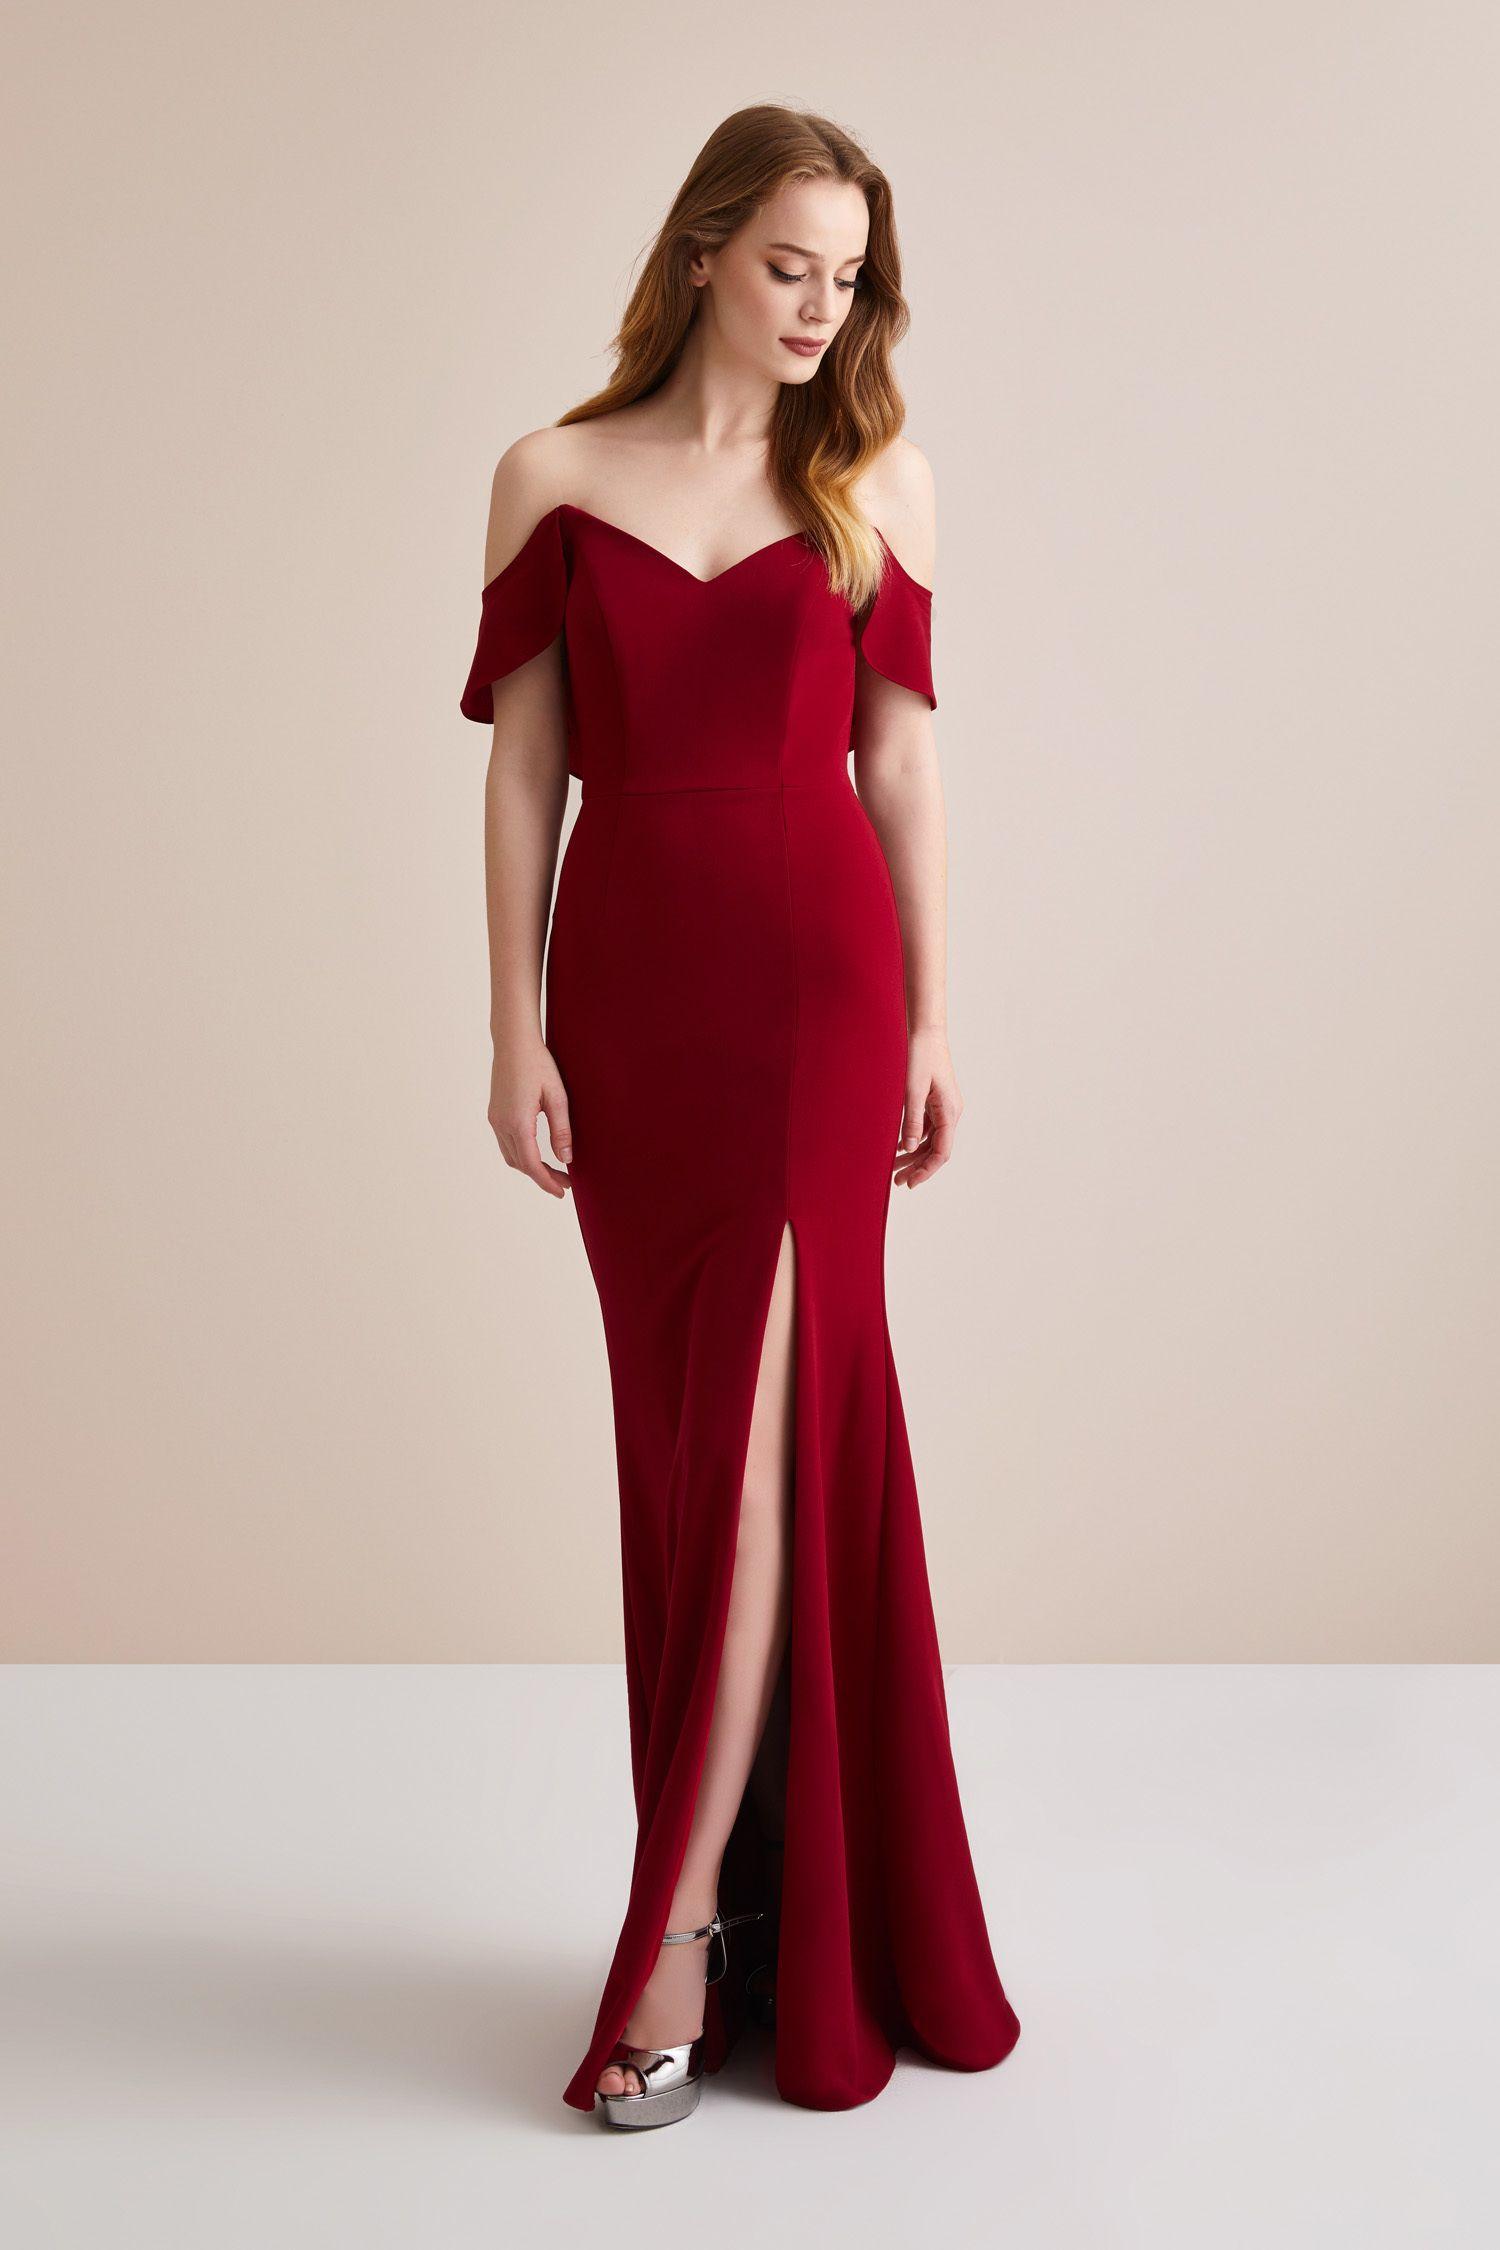 18388fa9173ef Kırmızı İnce Askılı Şifon Uzun Abiye Elbise – Oleg Cassini in 2019 | Dream  Life | Bridesmaid dresses, Formal dresses, Dresses